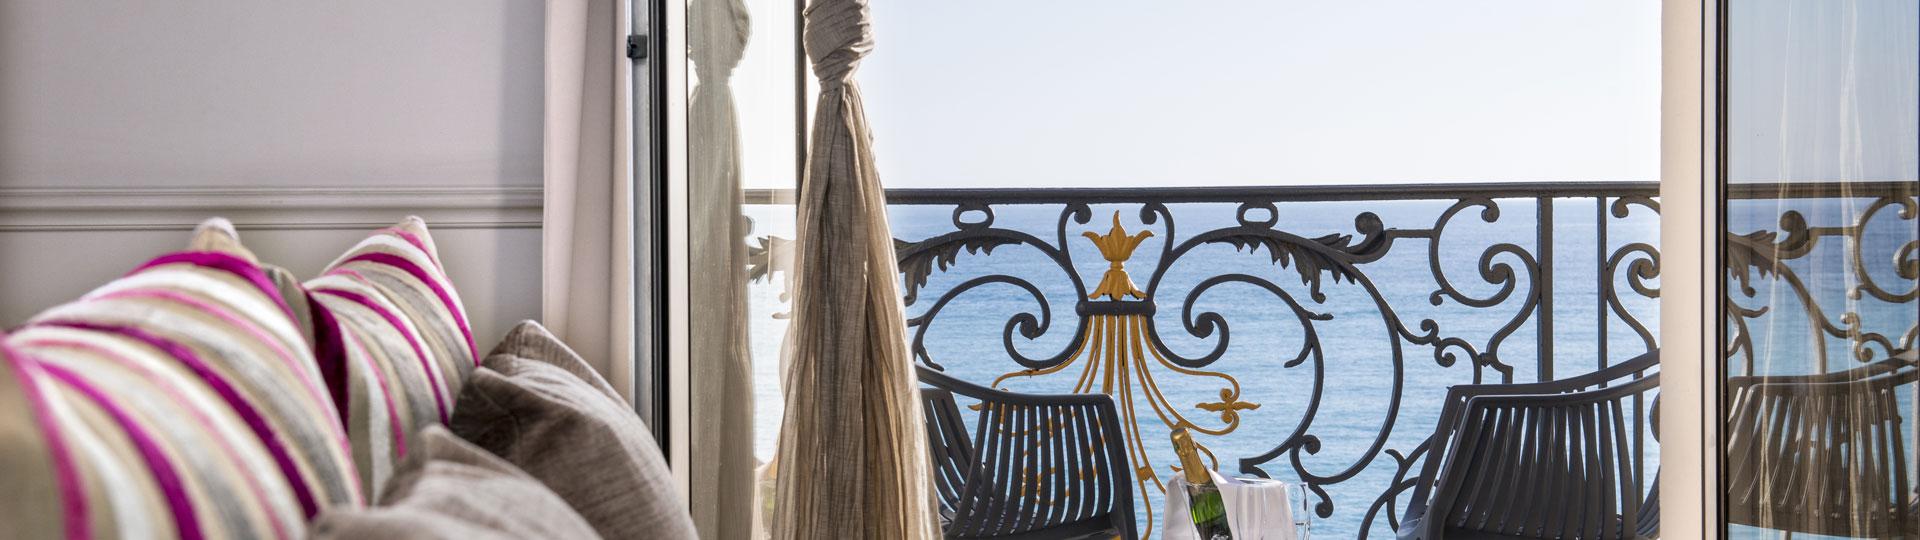 Chambre double, twin vue sur mer de l'hôtel Le Royal à Nice